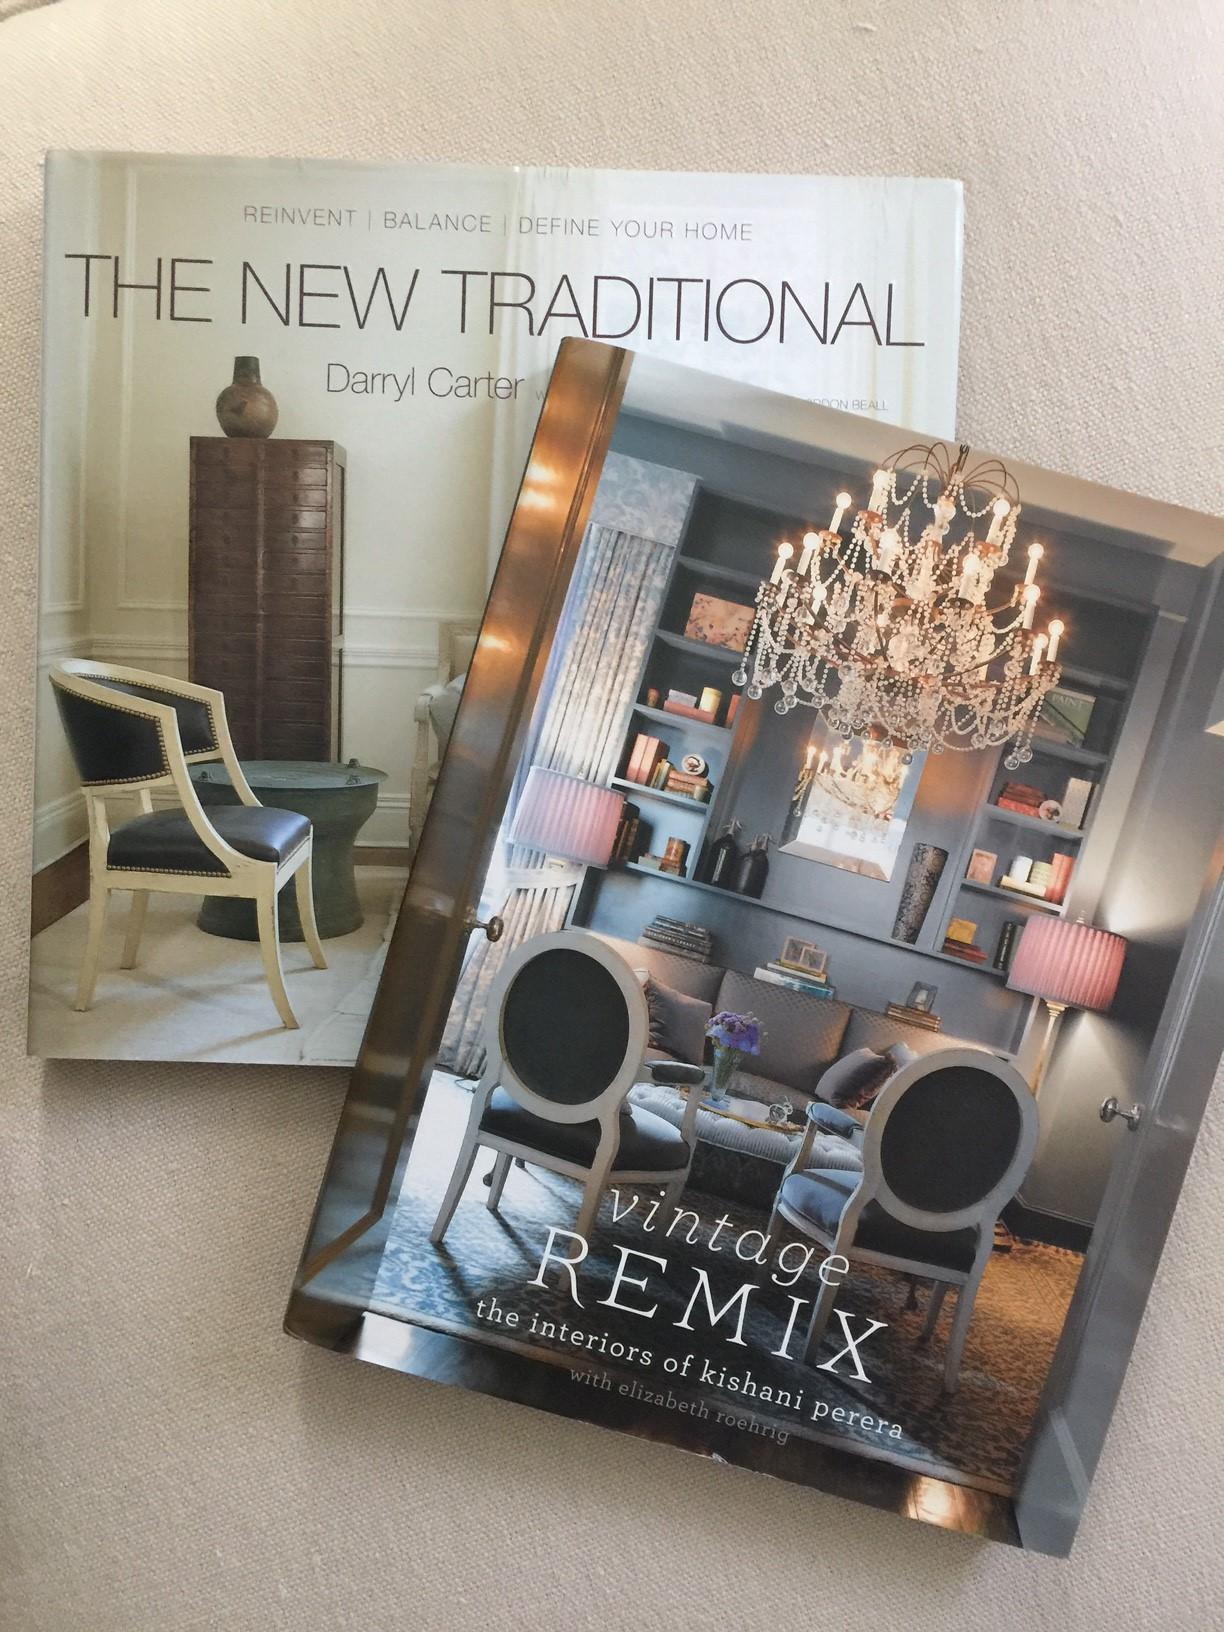 interior design books.JPG